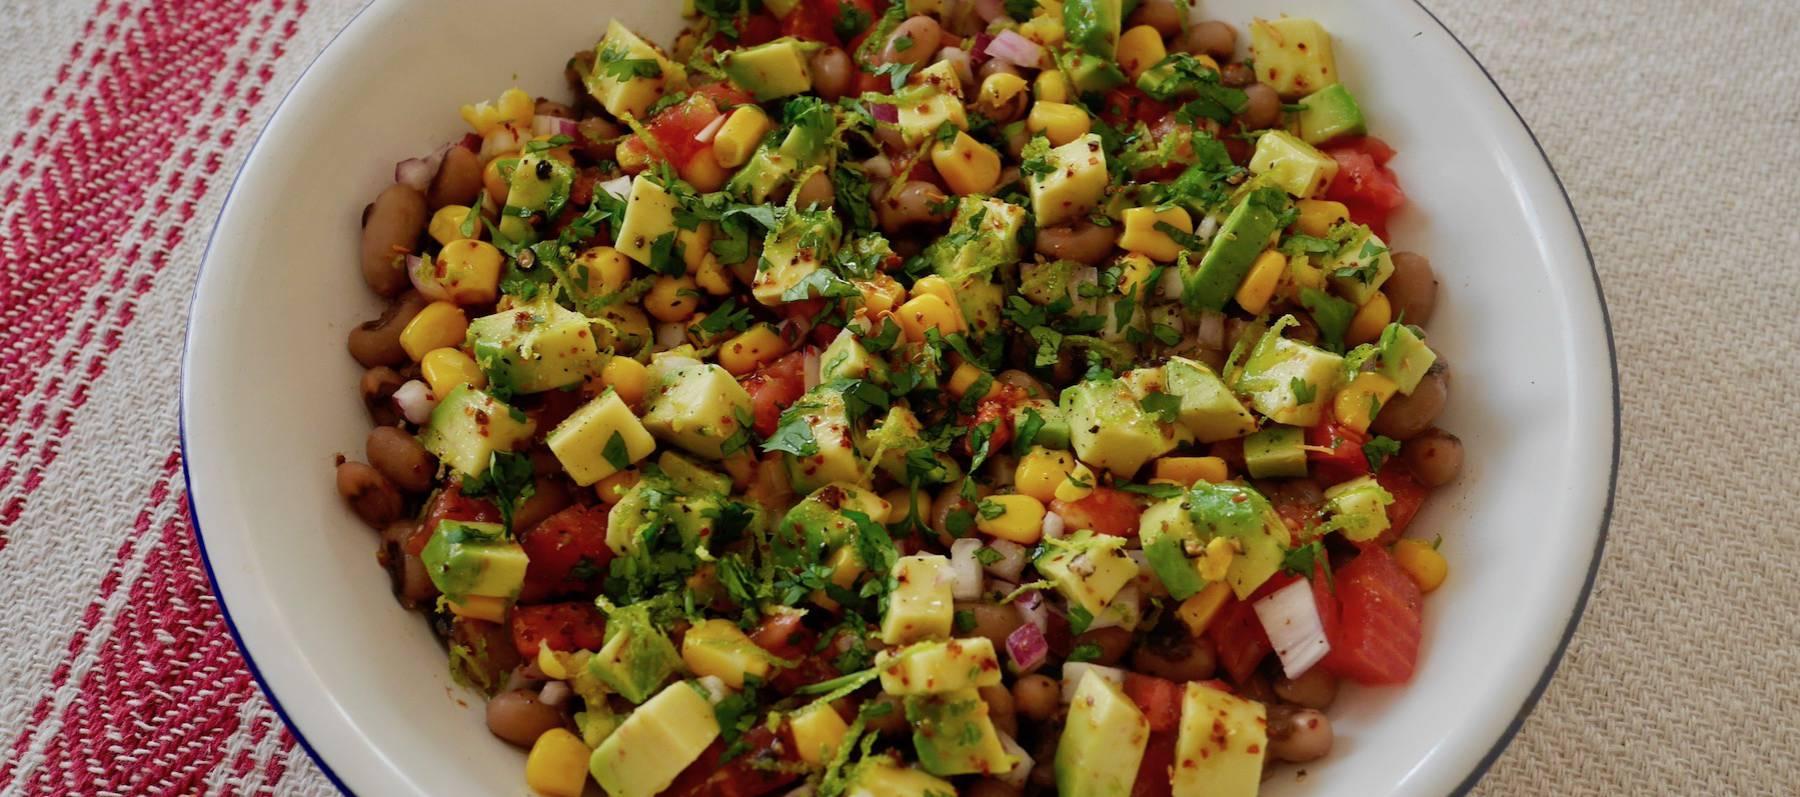 Ensalada de alubias, maíz y tajín